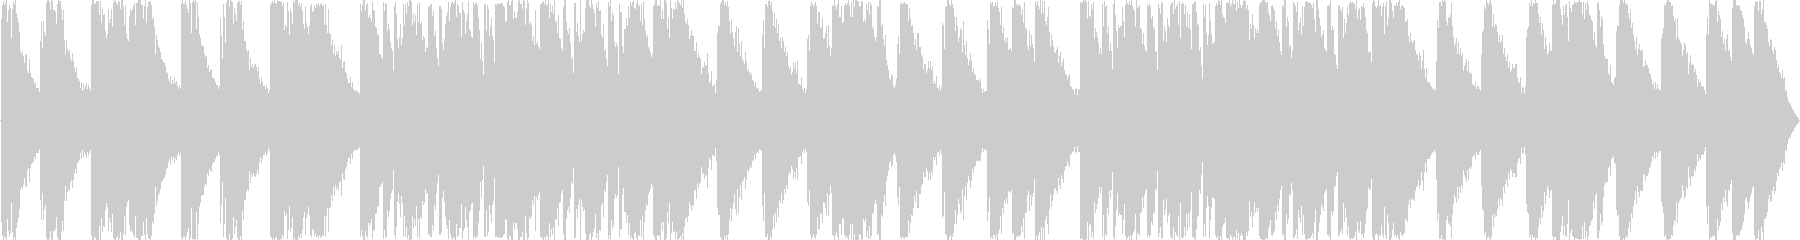 打楽器のみによるドラムマーチの未再生の波形